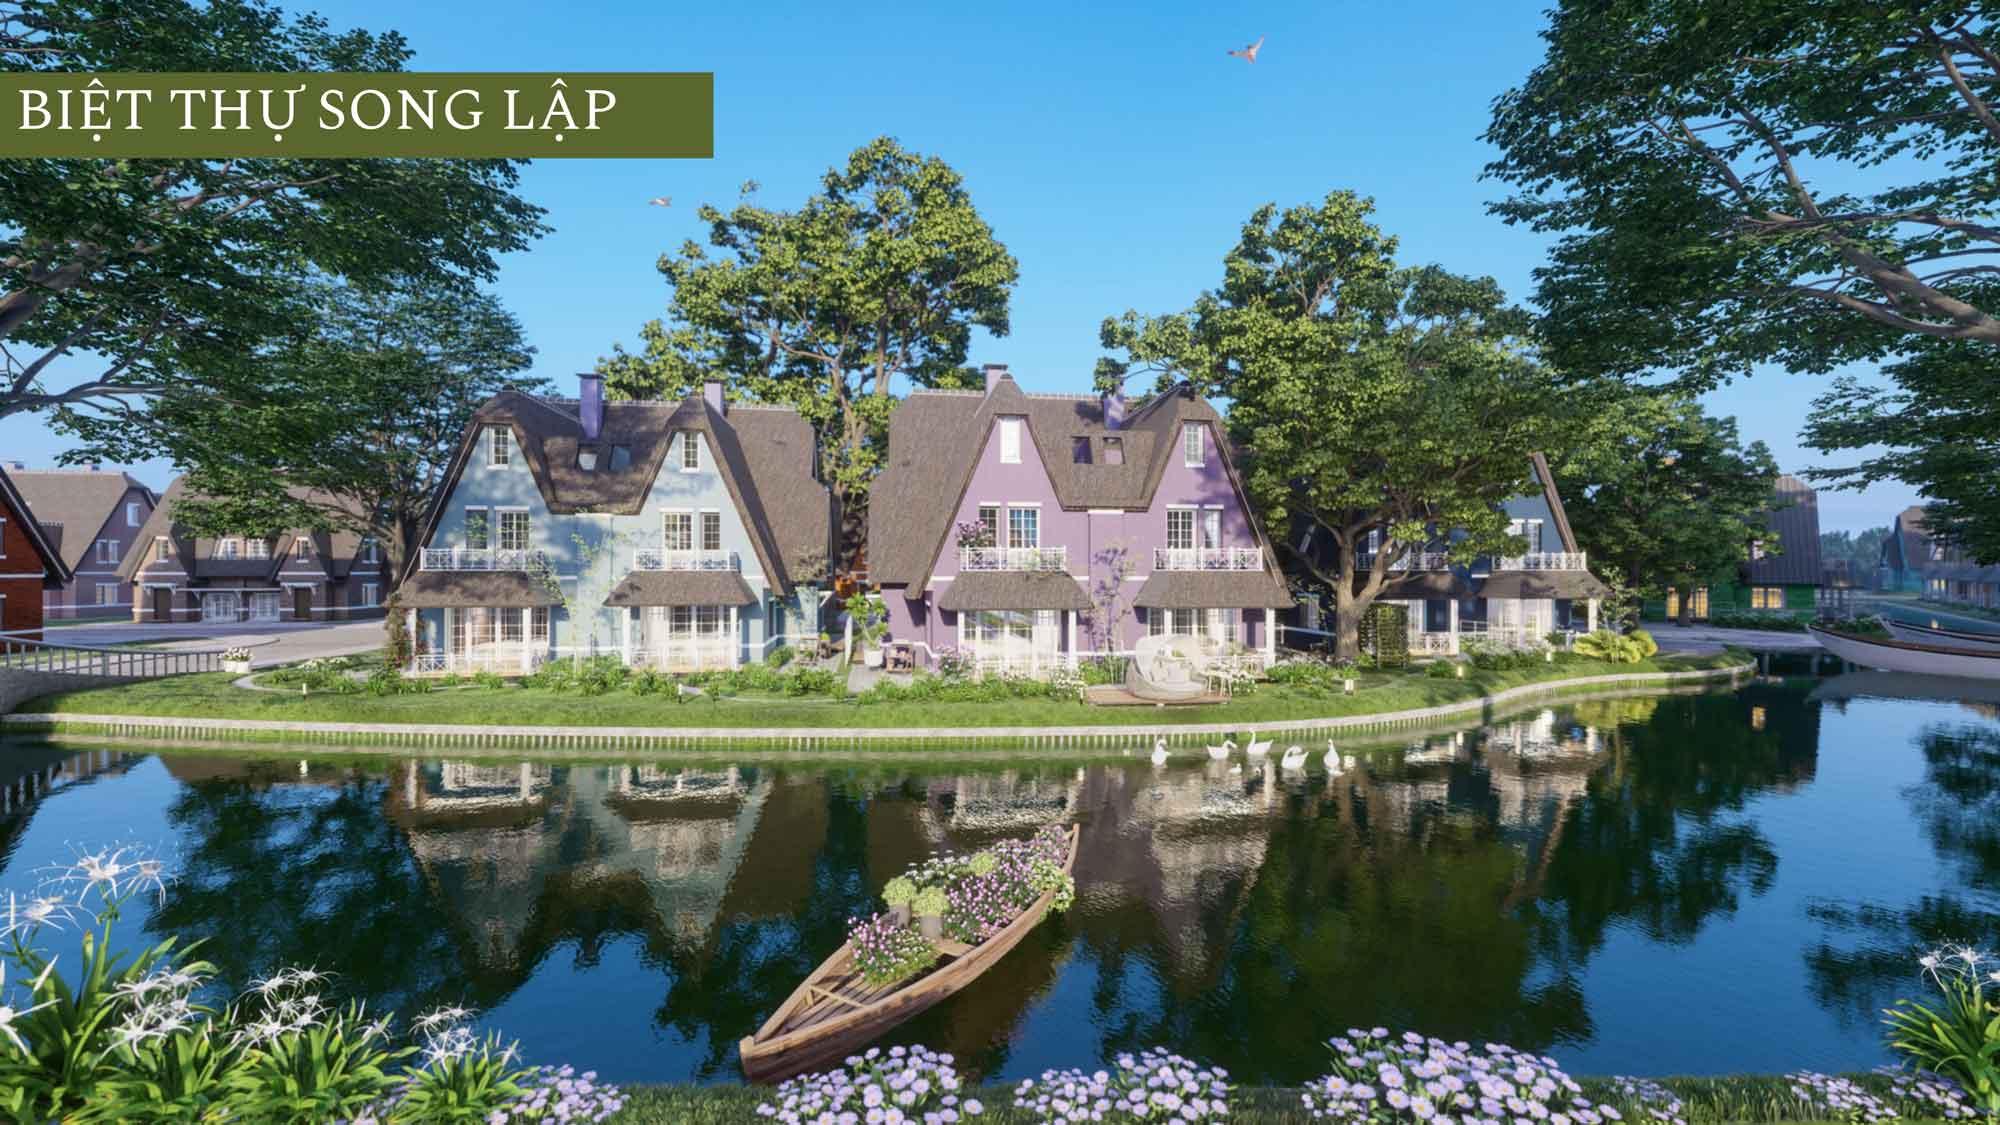 Biệt-thự-song-lập-làng-Hà-Lan-Ecopark